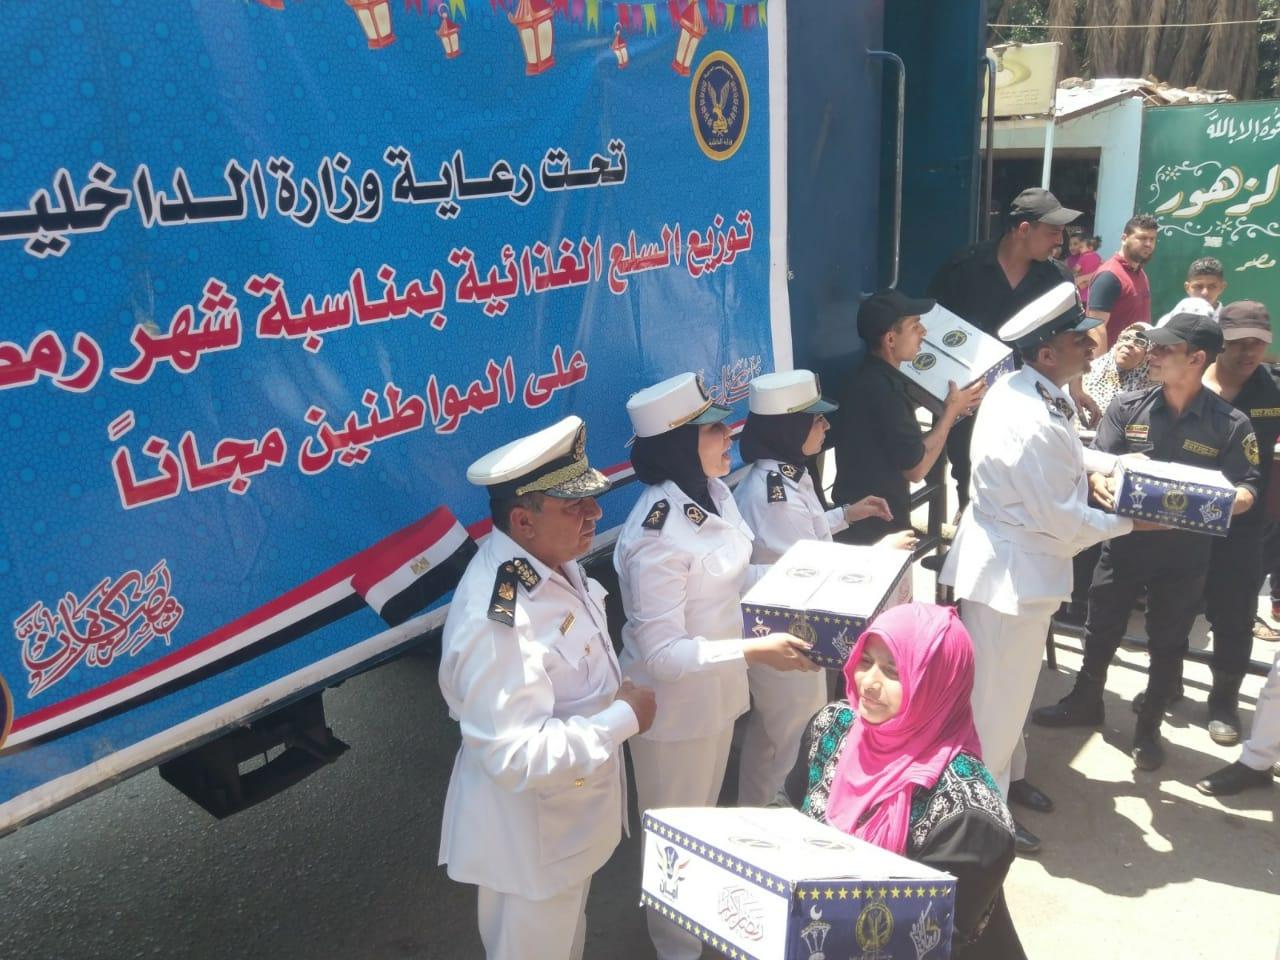 توزيع مديرية أمن القاهرة السلع الغذائية على المواطنين